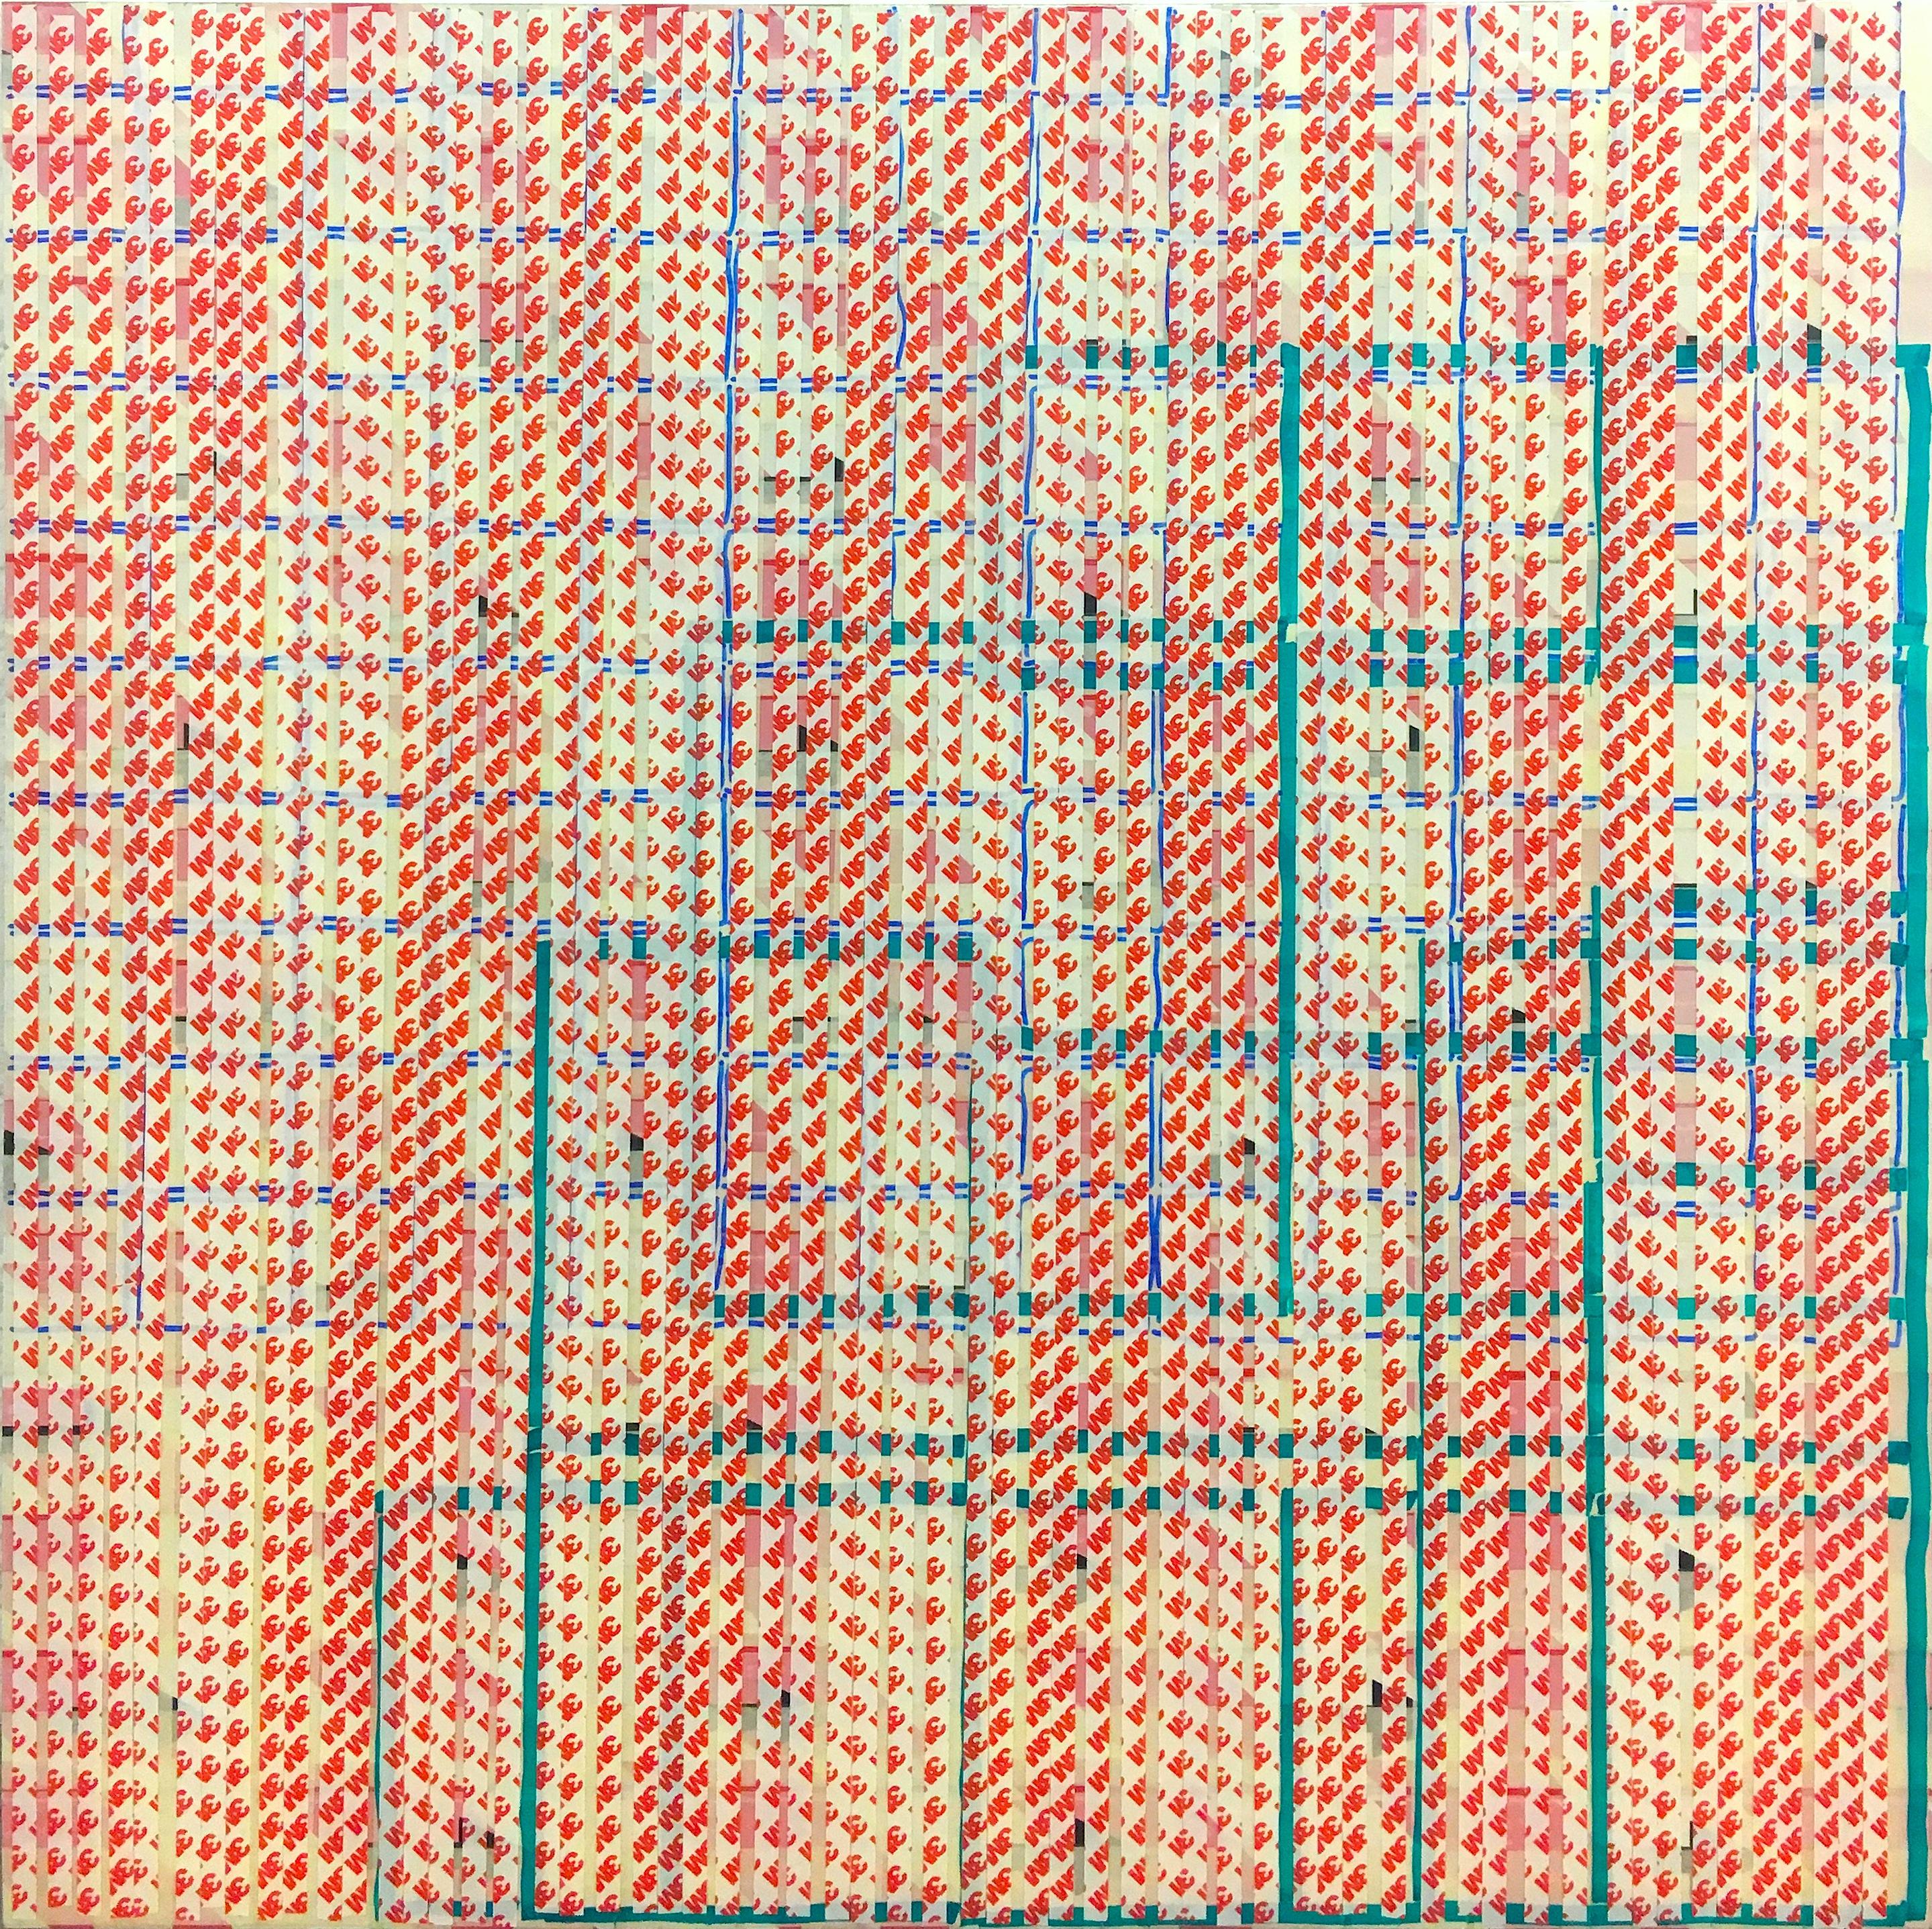 Campari Soda Oleksiy Koval, 2018 76 x 80 cm, marker, tape on MDF